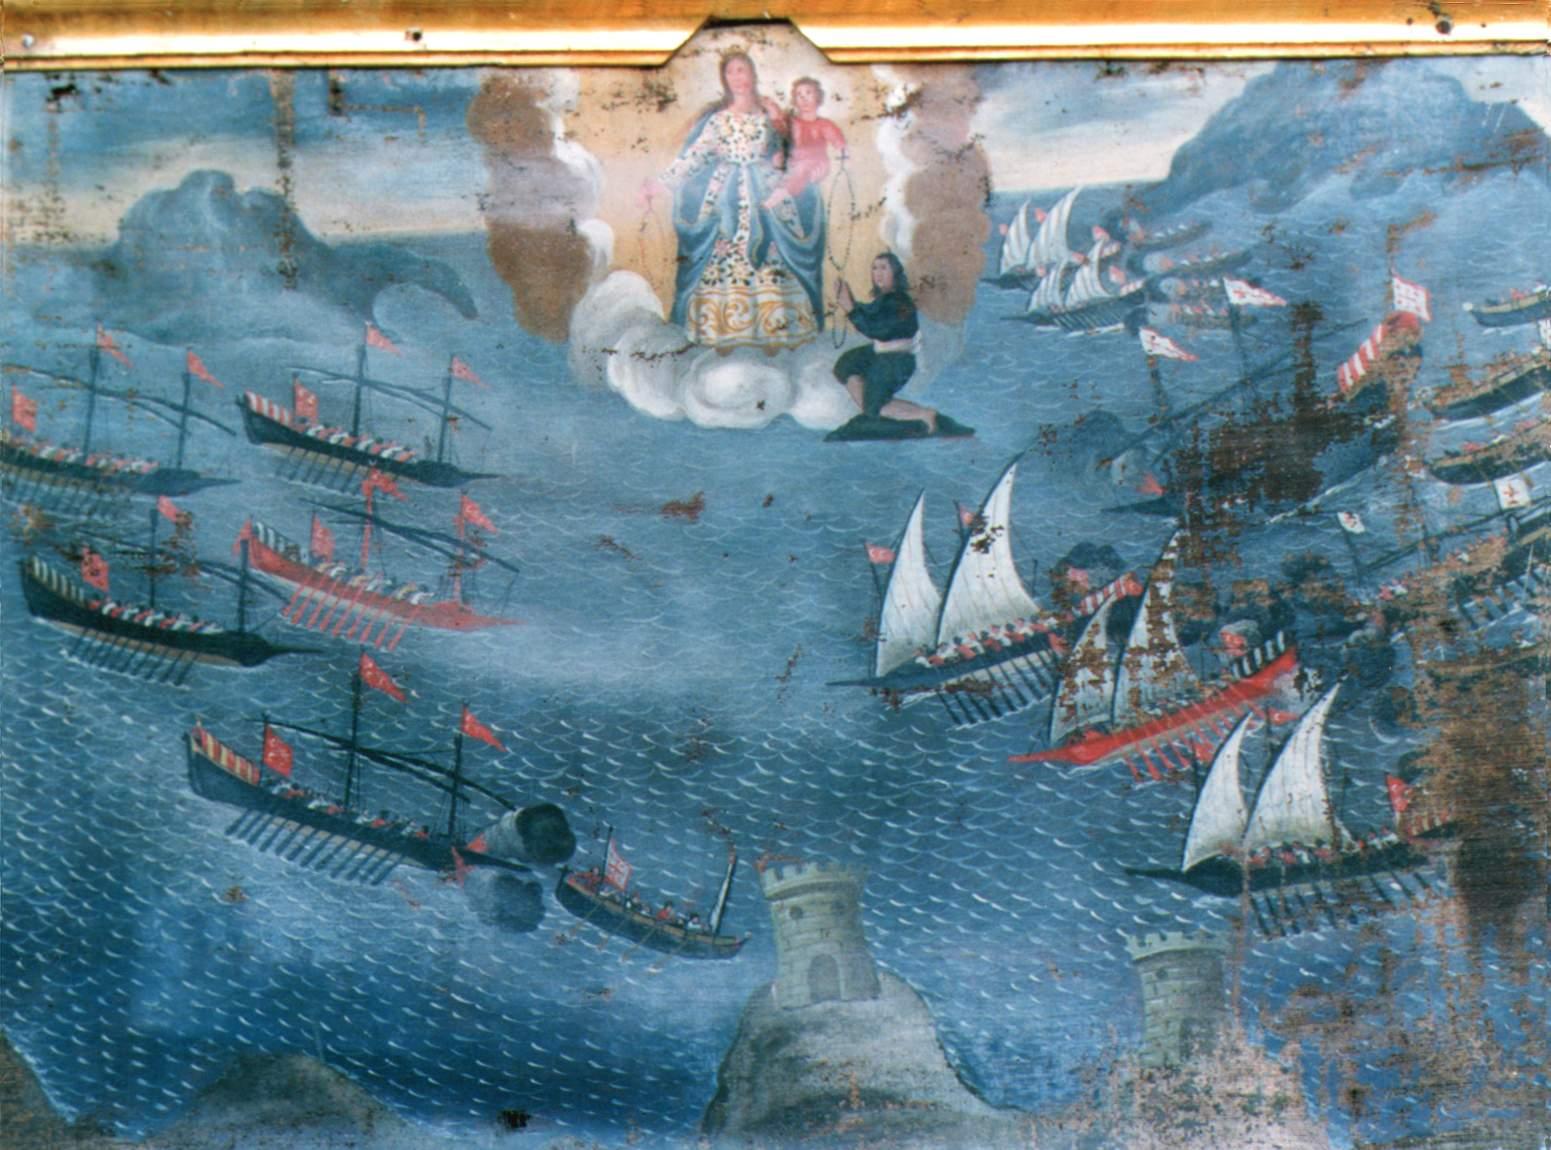 chiesa-di-s-stefano-dipinto-ex-voto-battaglia-di-lepanto-sec-xvi